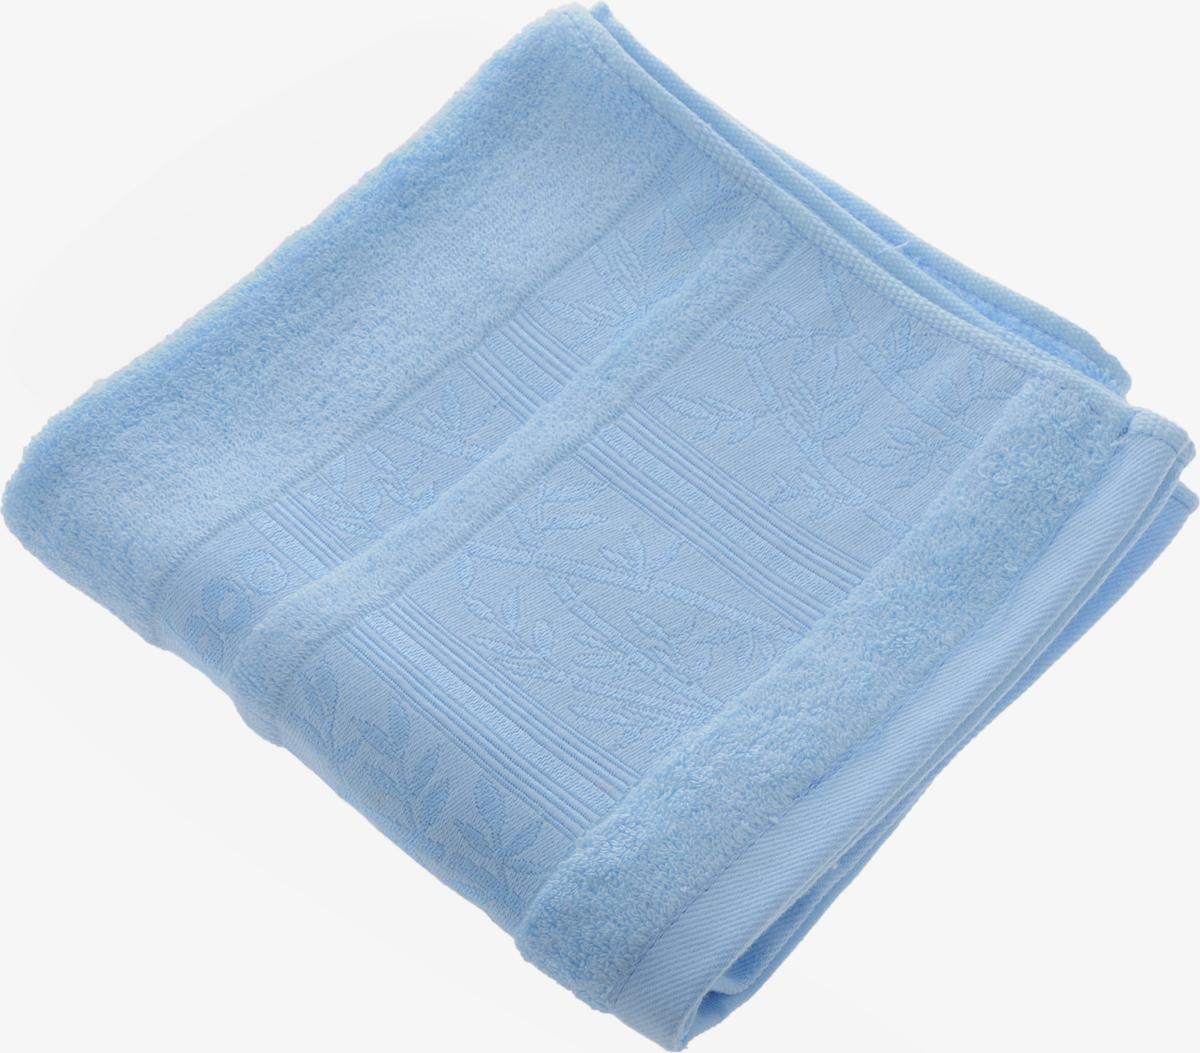 Полотенце Soavita Carol, цвет: голубой, 45 х 90 см64116Полотенце Soavita Carol выполнено из 100% бамбукового волокна. Изделие отлично впитывает влагу, быстро сохнет, сохраняет яркость цвета и не теряет форму даже после многократных стирок. Полотенце очень практично и неприхотливо в уходе. Оно создаст прекрасное настроение и украсит интерьер в ванной комнате.Рекомендуется стирка при температуре 40°C.